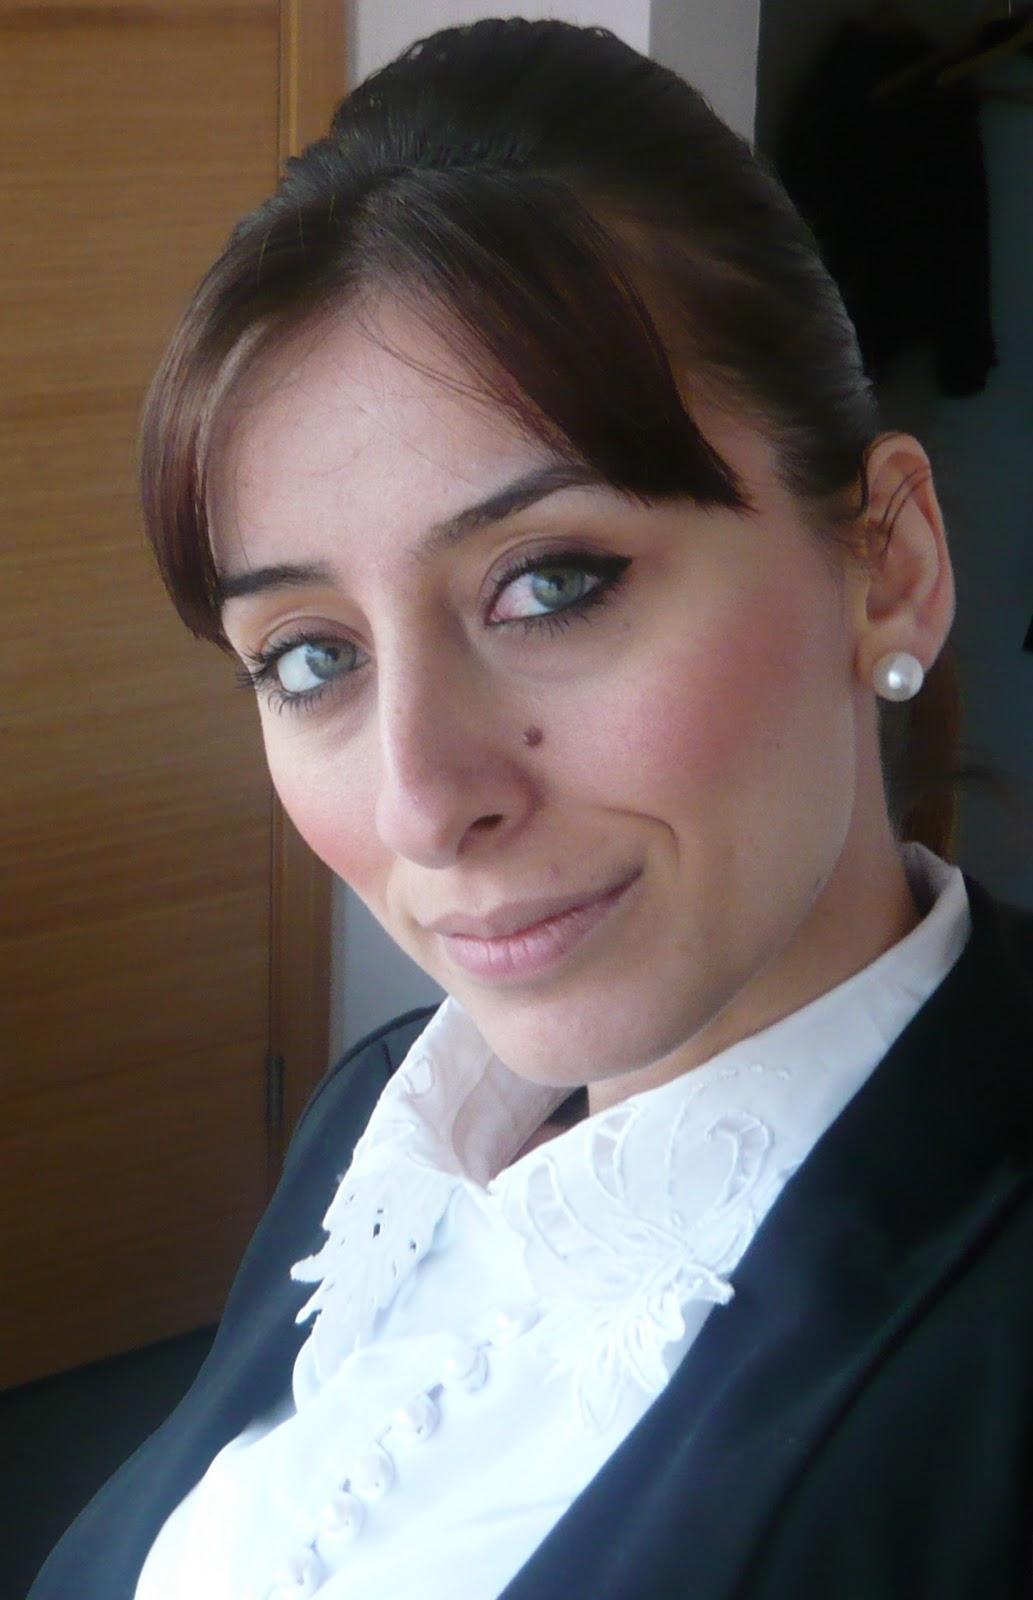 Hasta halimle verdiğim pozlara gelin :)) Görümcemin hediyesi olan beyaz vintage gömlek ve el emeği göz nuru Serap' Tan pantolumla bakalım bugün ki Seroş'u ... - P1030888s